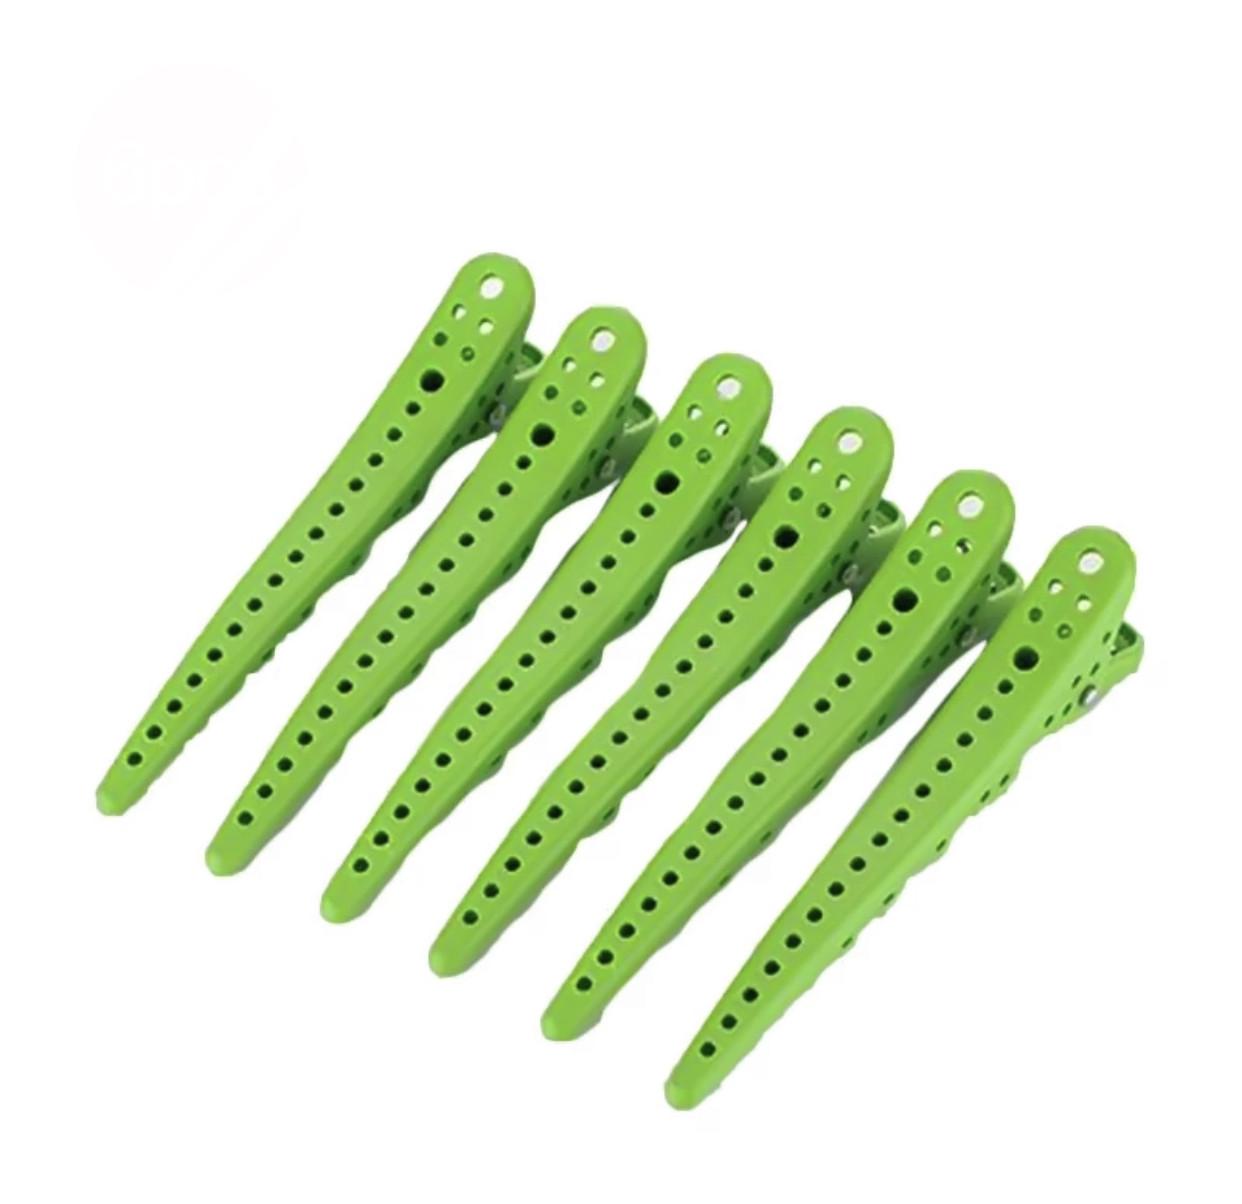 Зажимы для волос Shark clip зеленые 6шт/уп